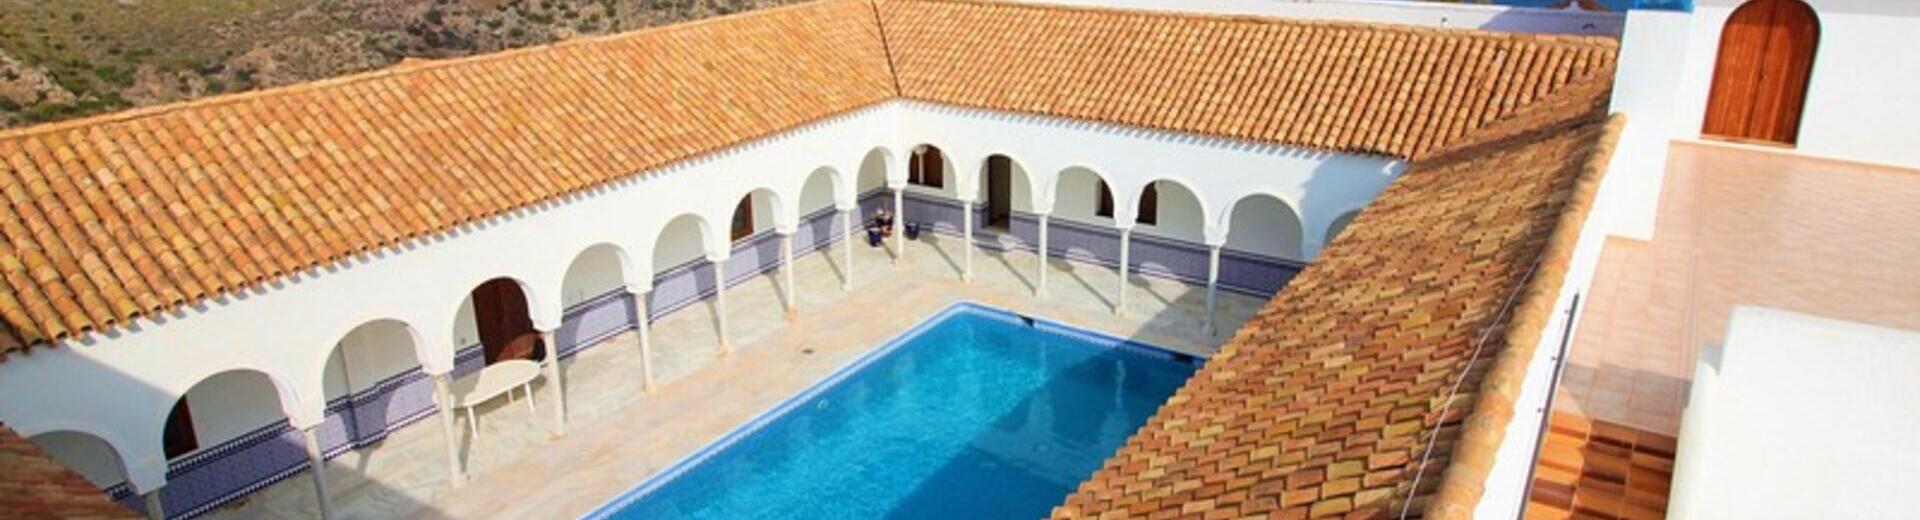 VIP7590: Villa for Sale